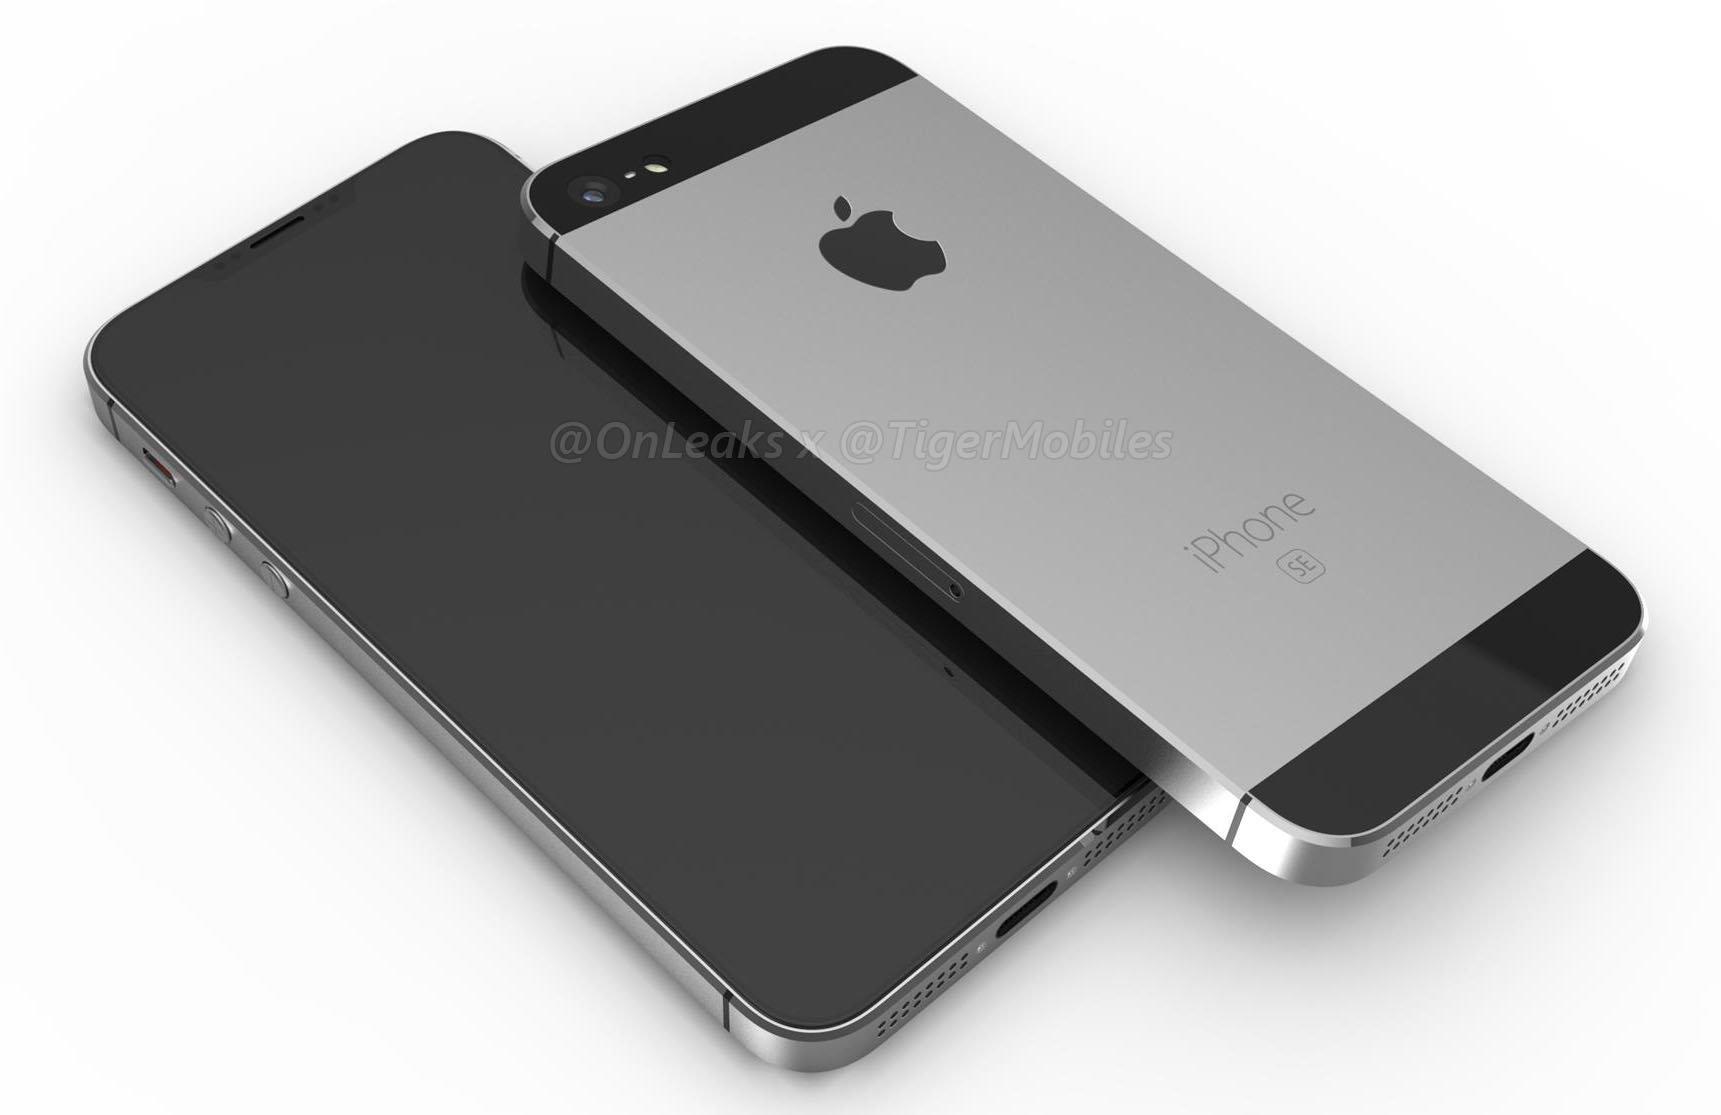 Apple iPhone SE 2 rendery Onleaks cena kiedy premiera gdzie kupić najtaniej w Polsce opinie iPhone XE